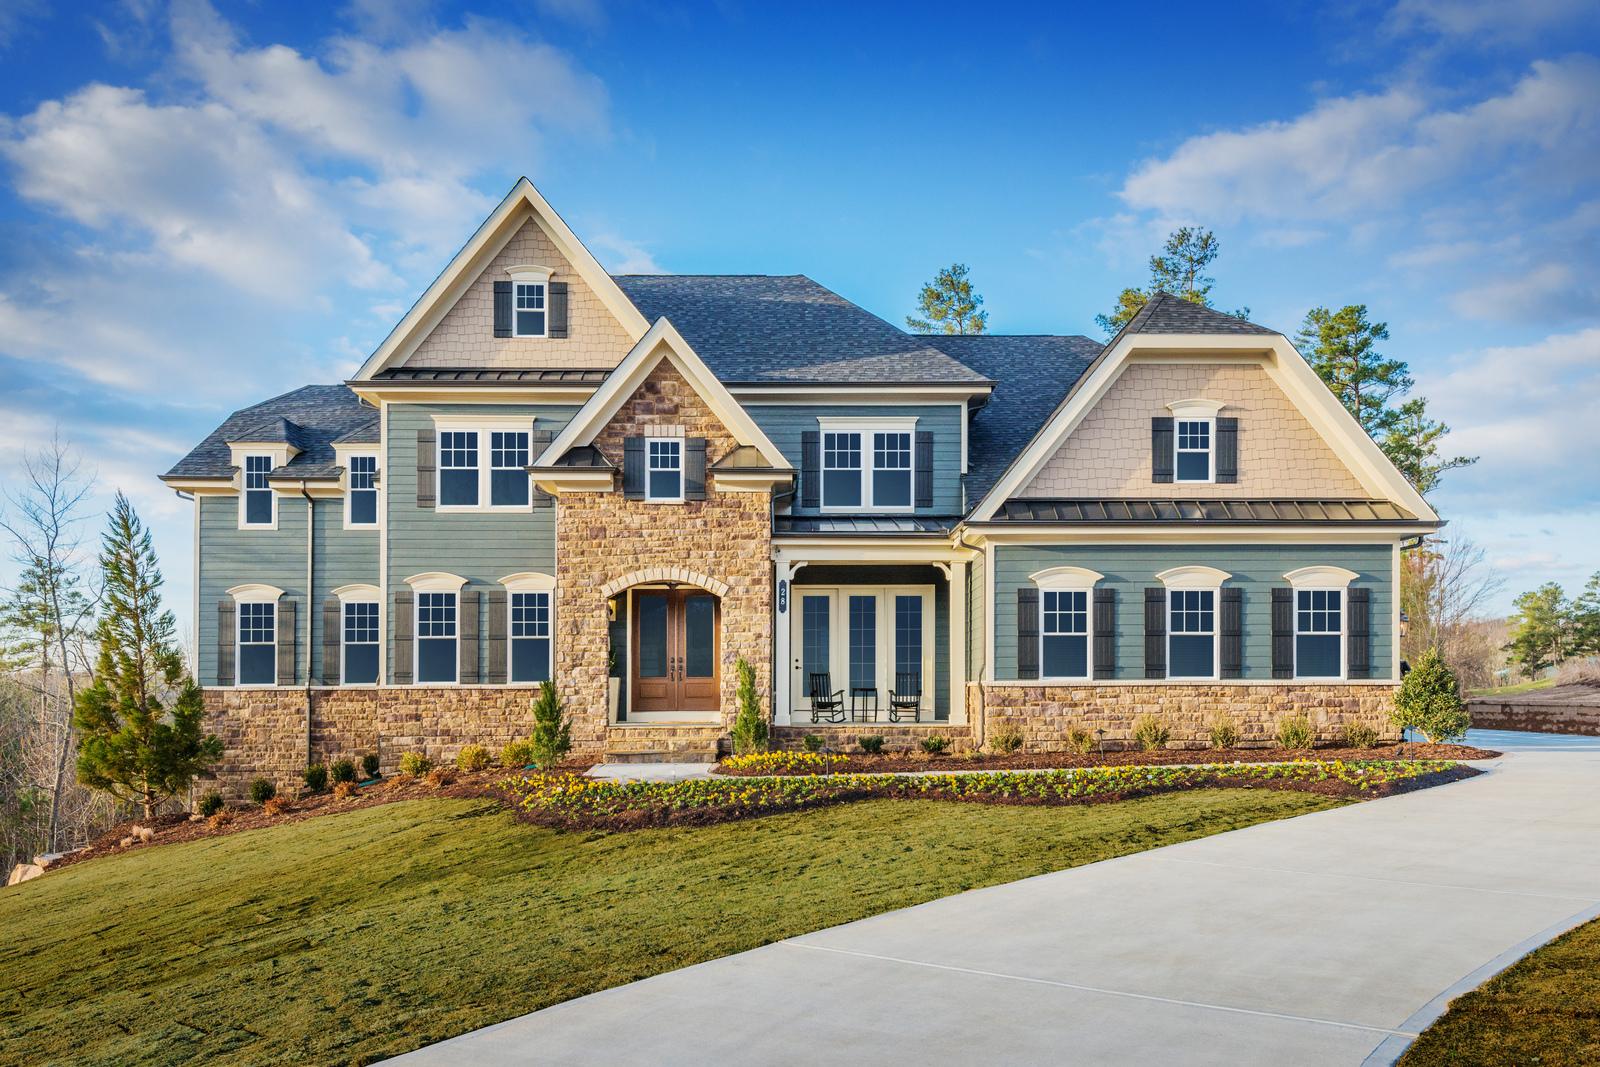 New regent 39 s park ii home model for sale nvhomes for Family homes com